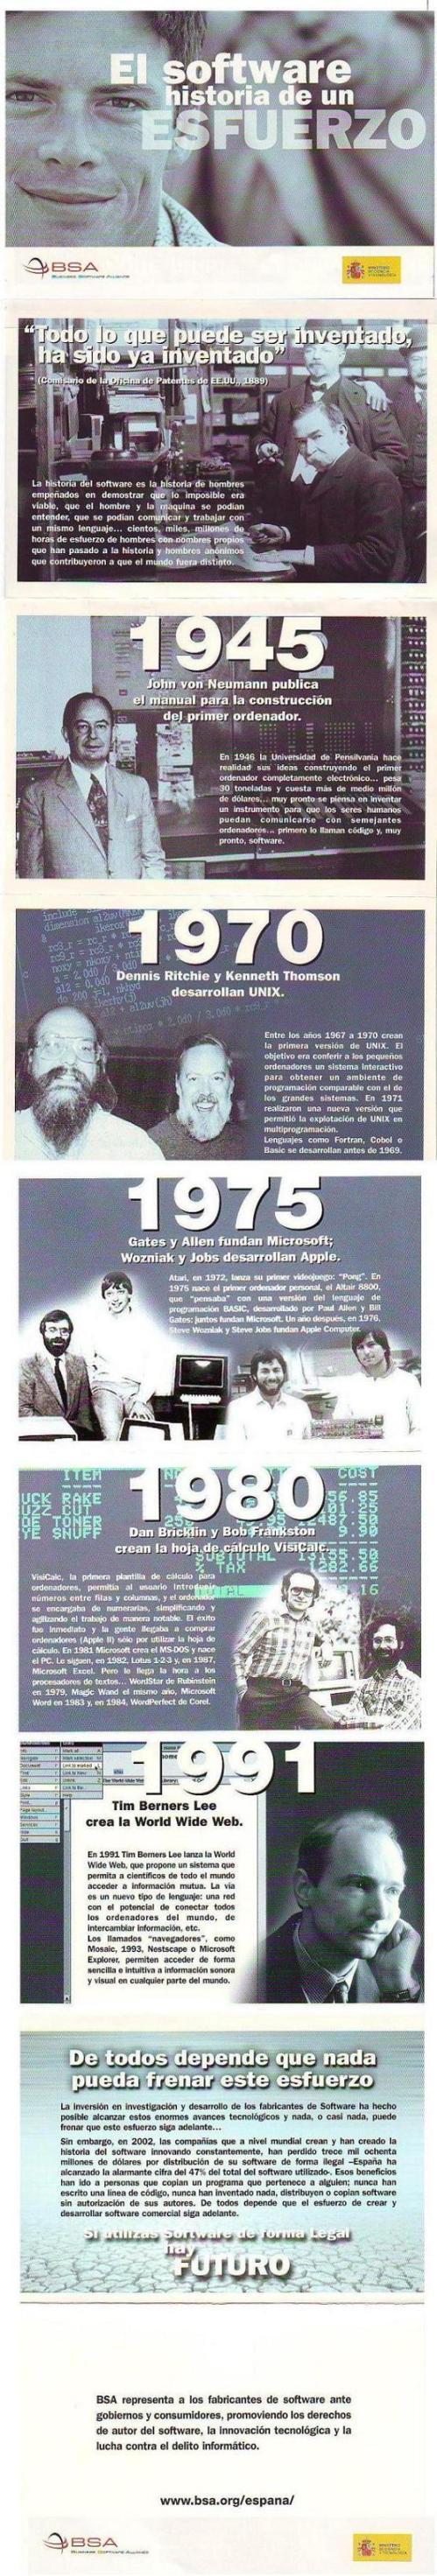 Historia delsoftware